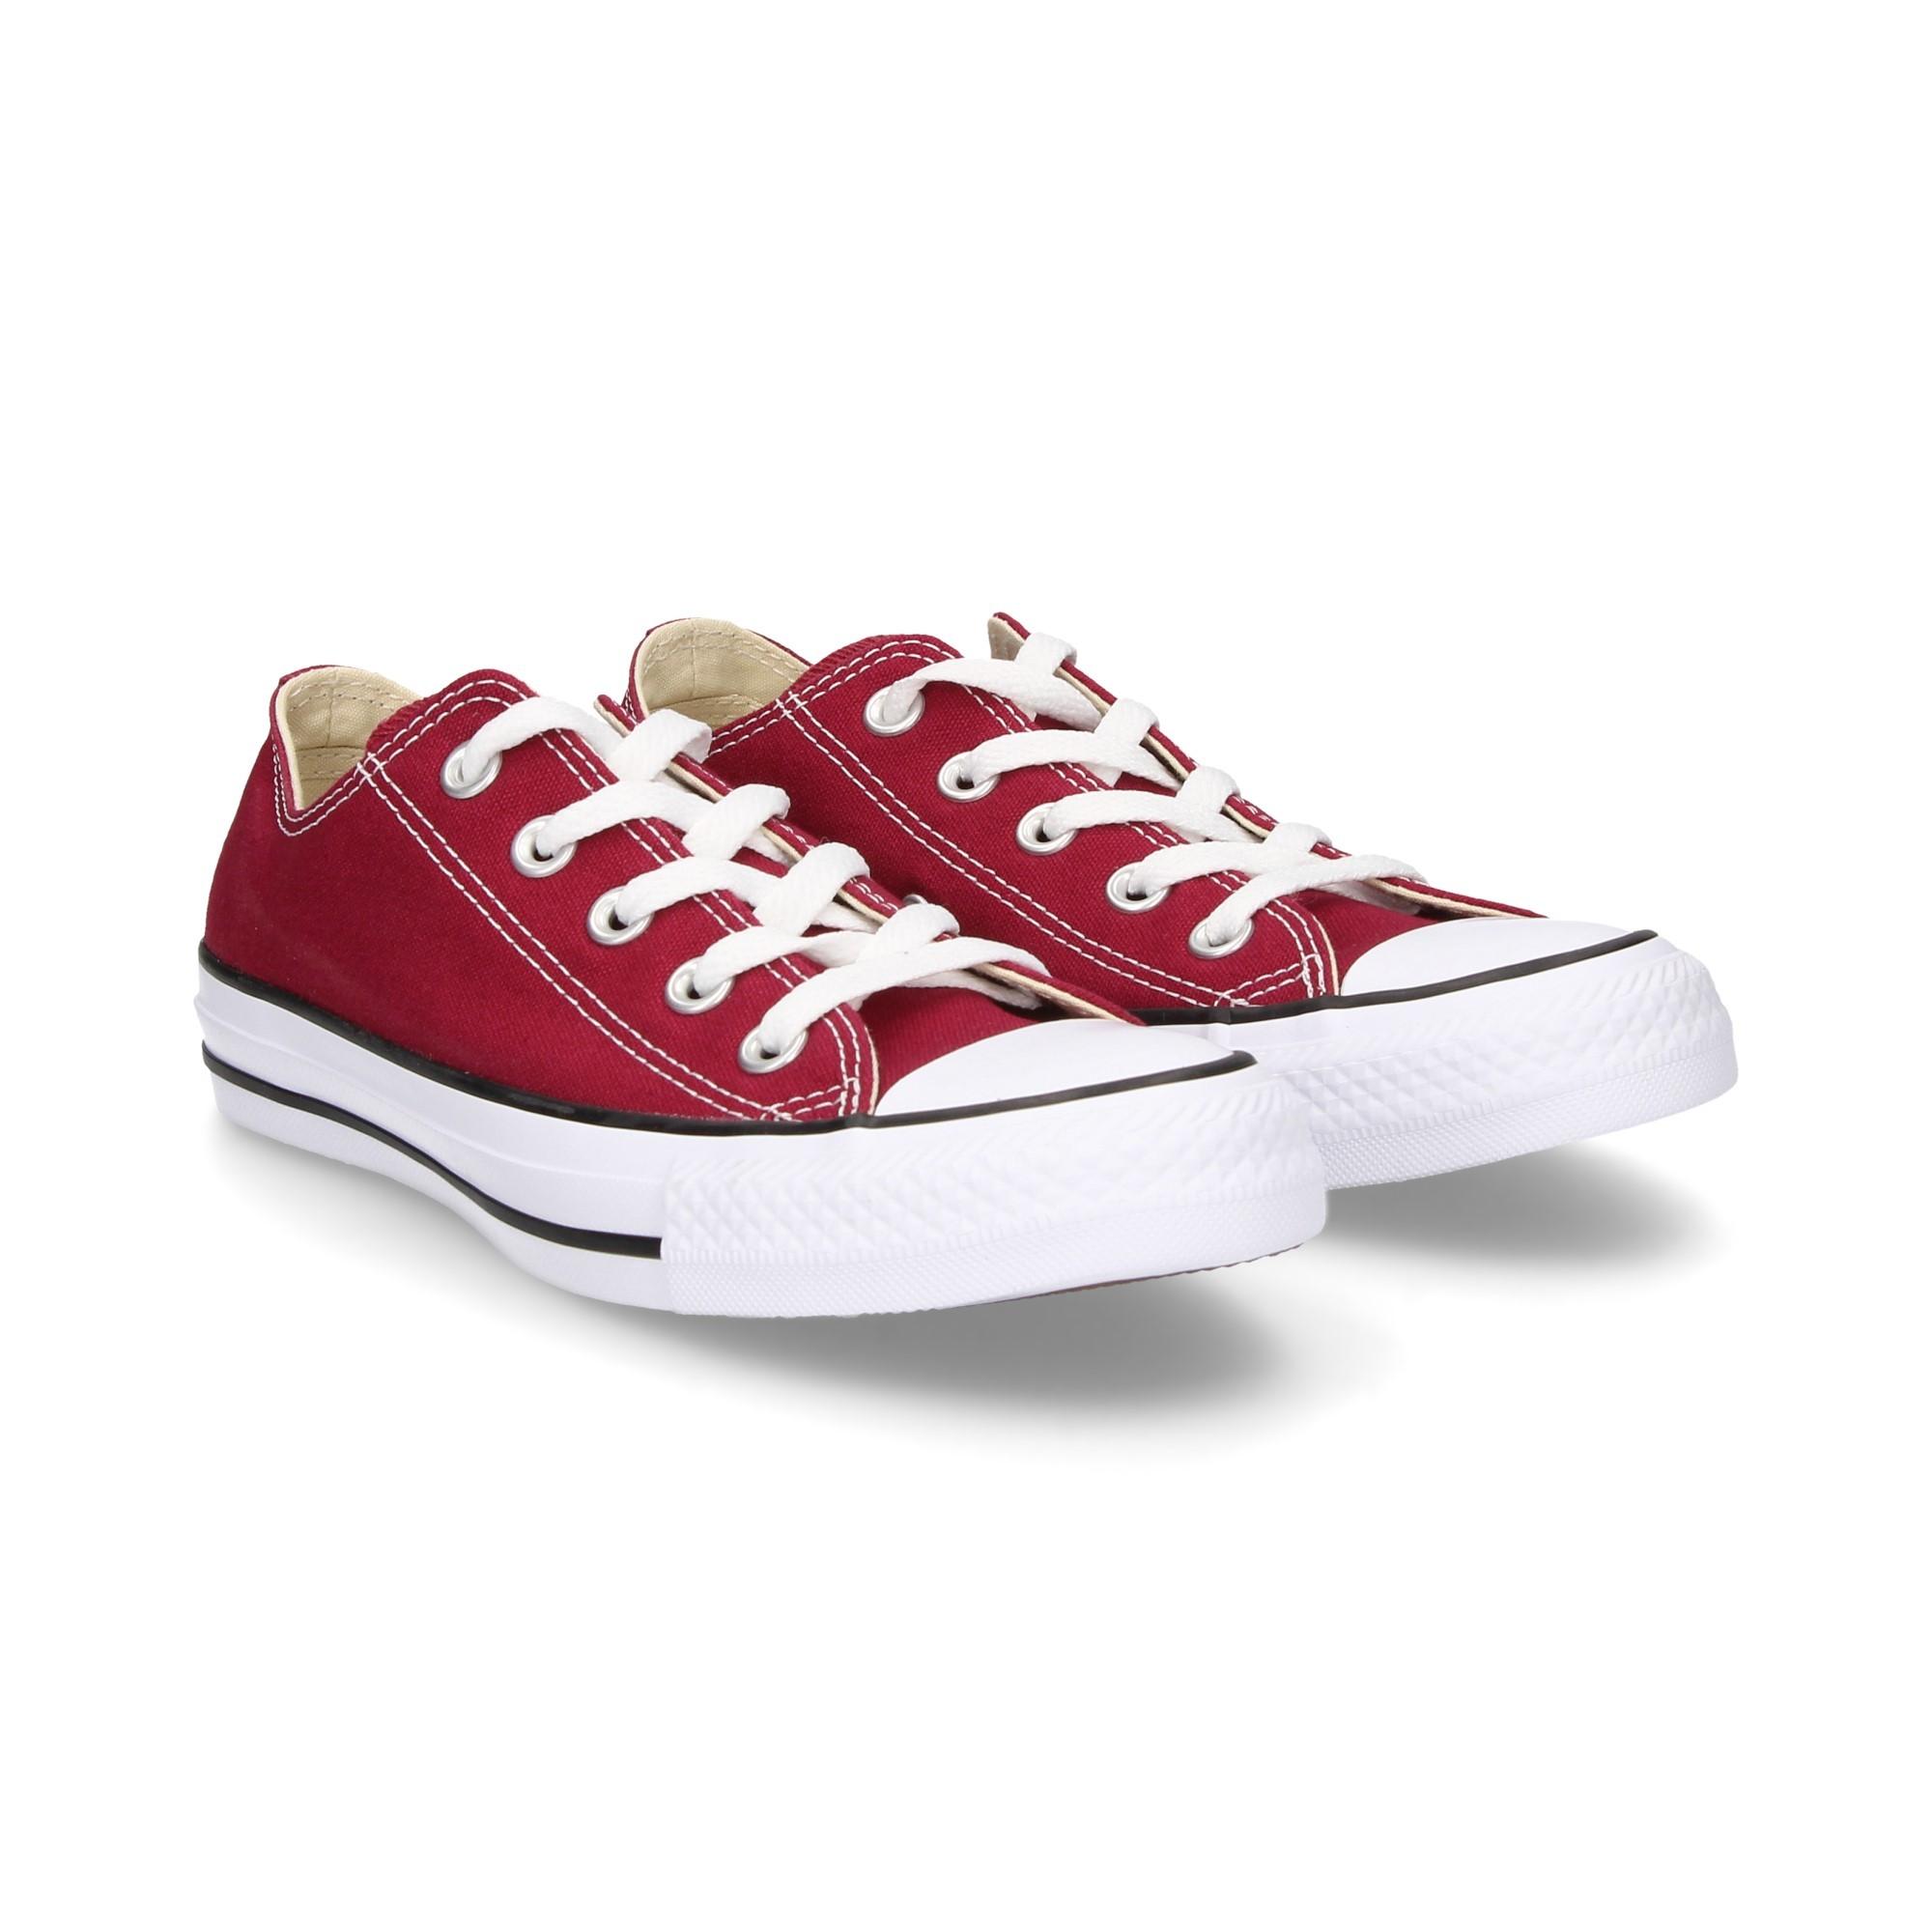 e462d42b67c02 CONVERSE Chaussures de sport pour femmes M9691C MARRON(ROJO)